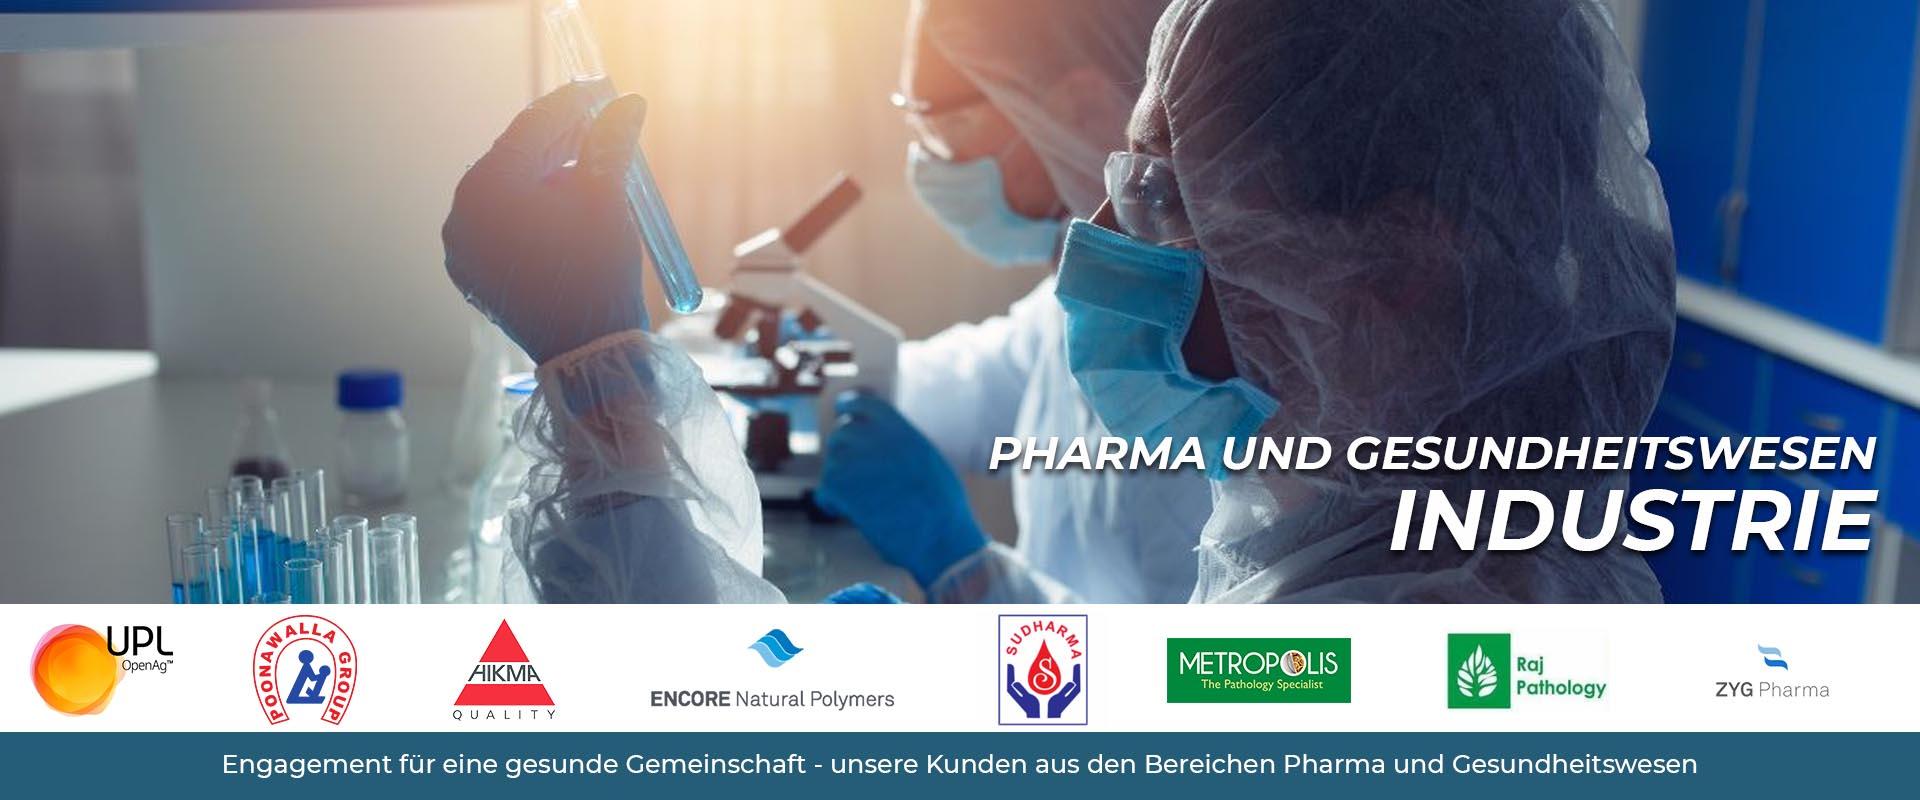 Chemie, Pharmazie und Gesundheitswesen